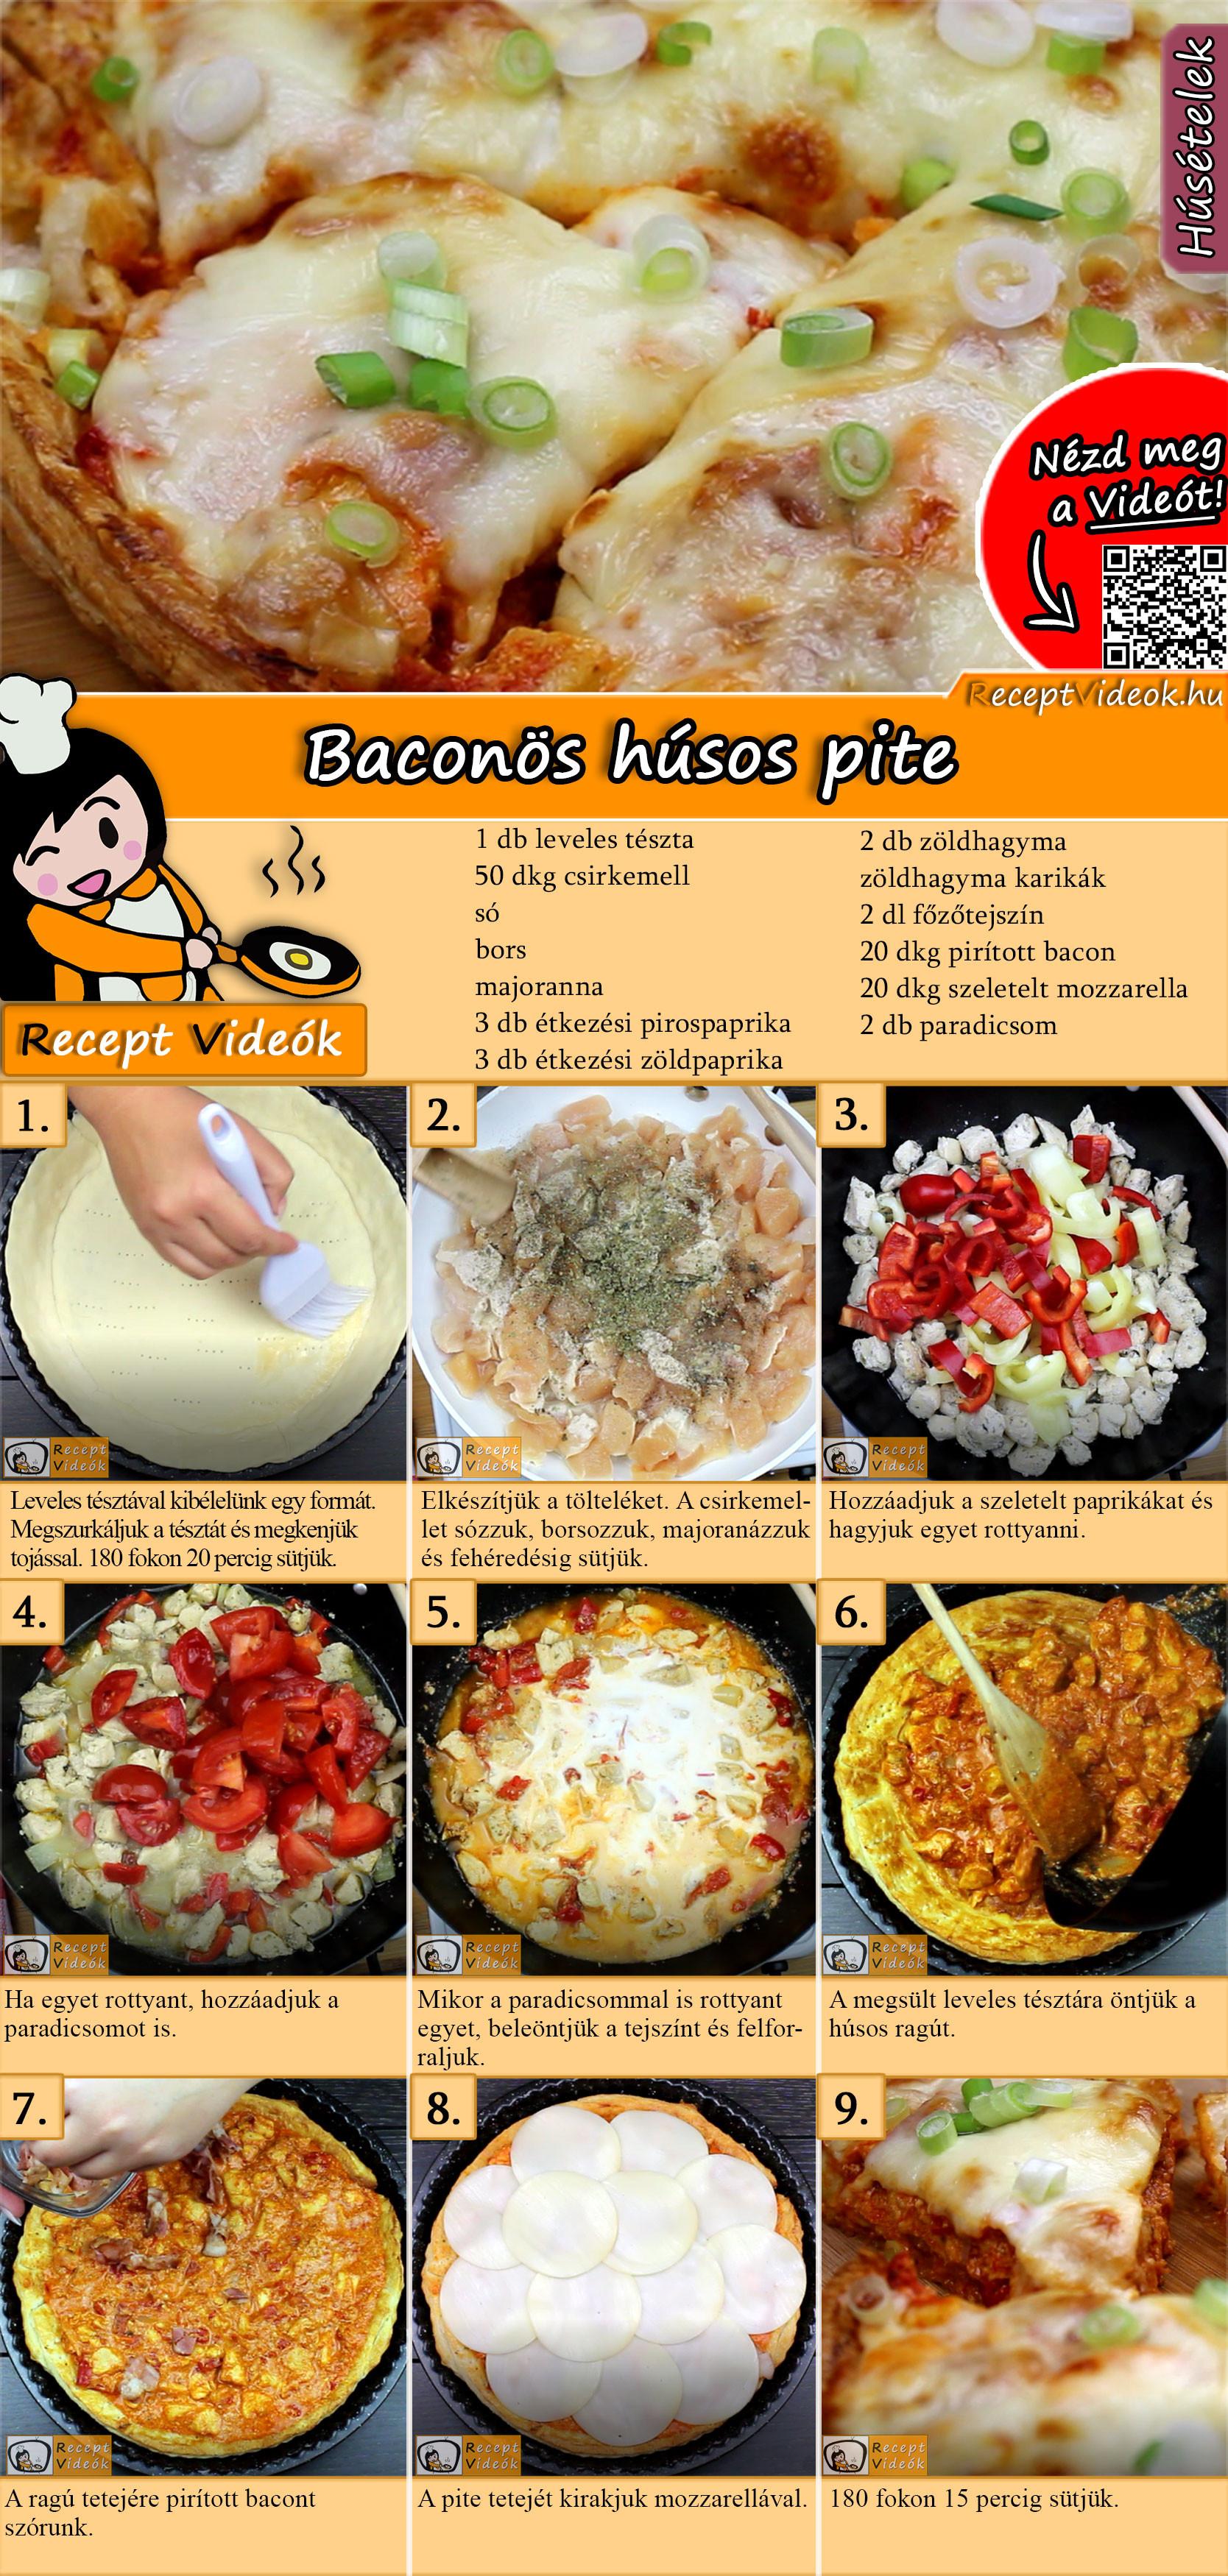 Baconös-húsos pite recept elkészítése videóval